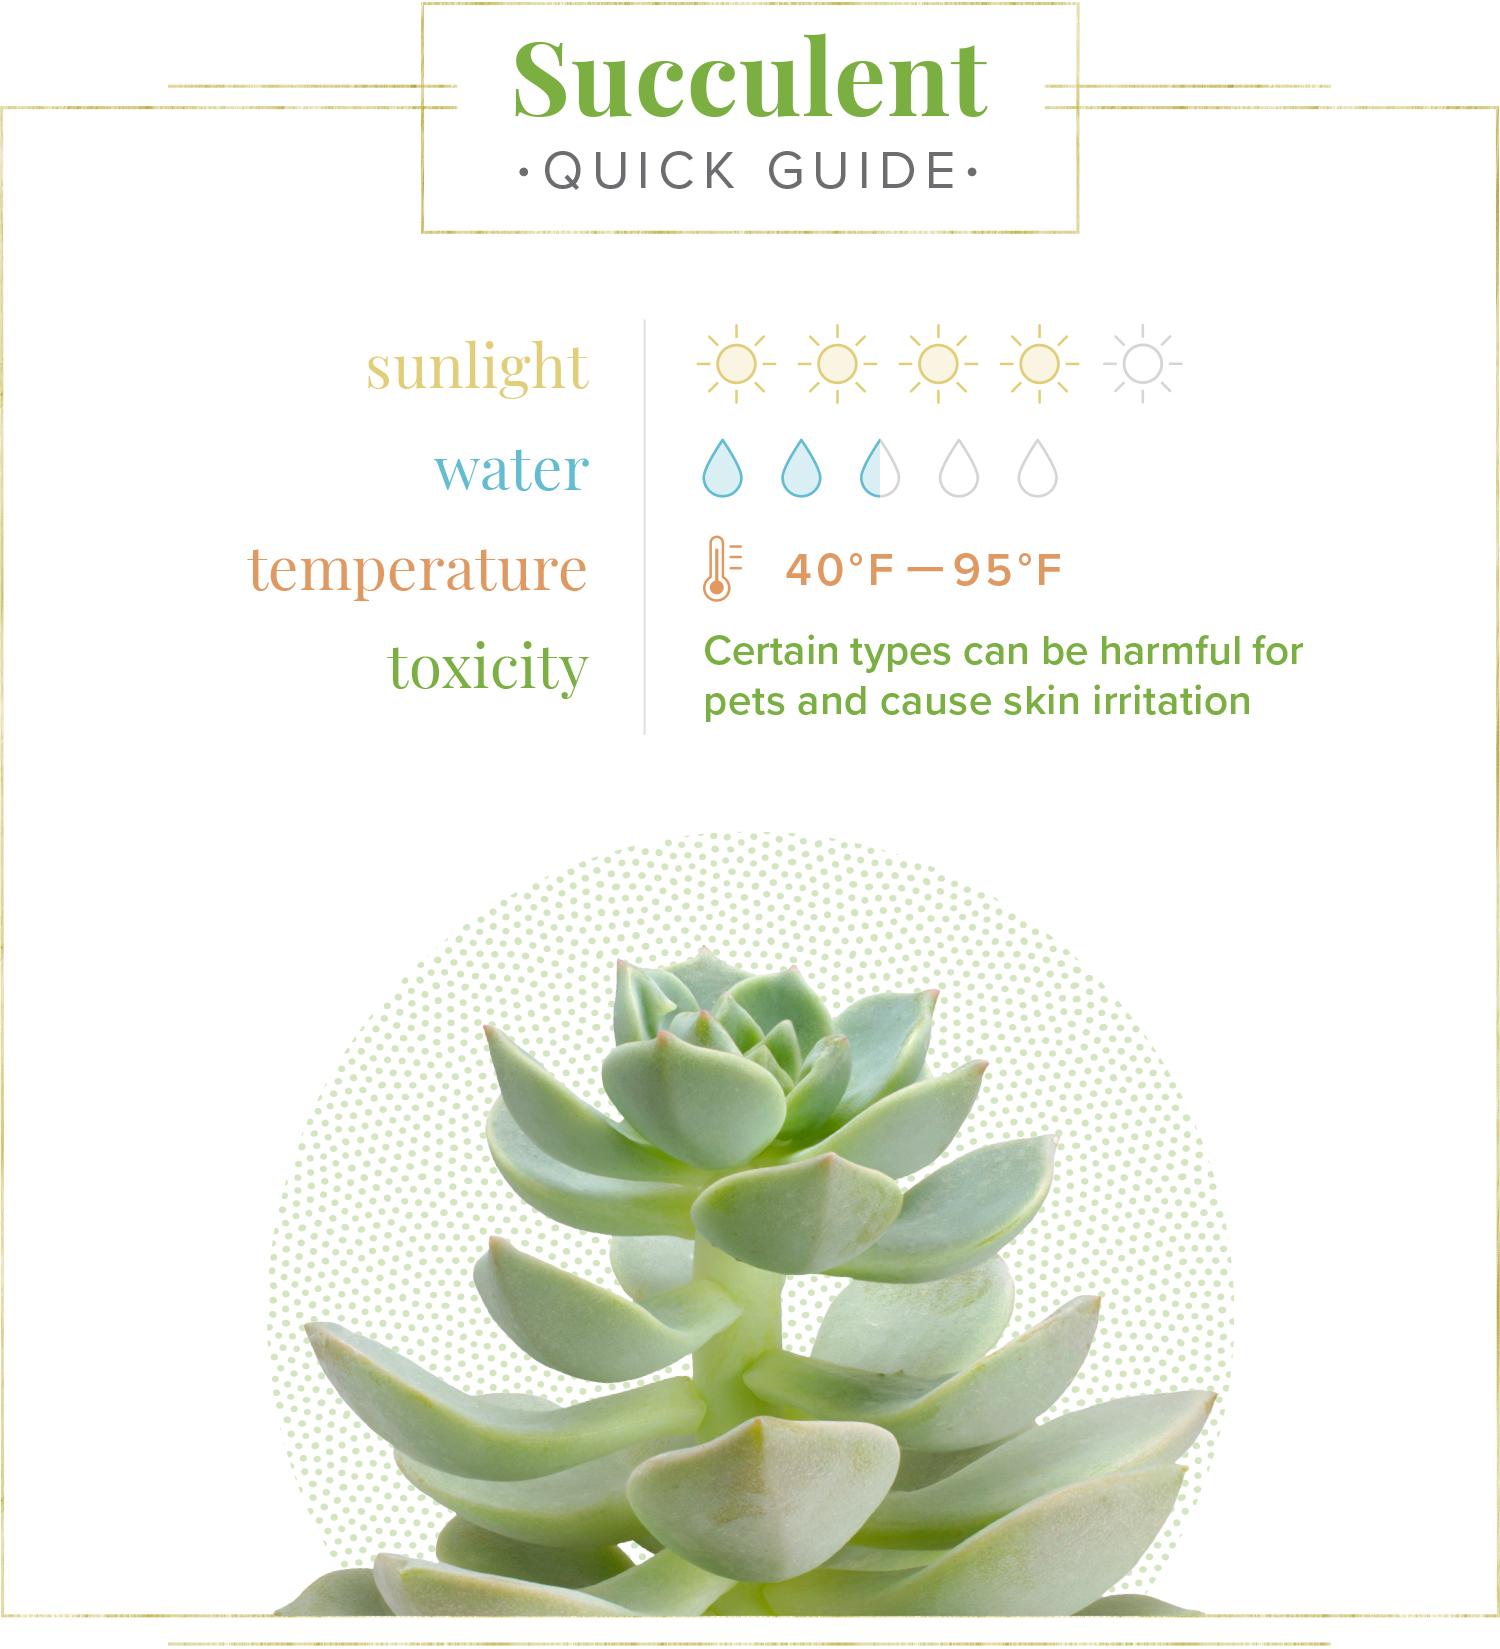 succulent quick care guide